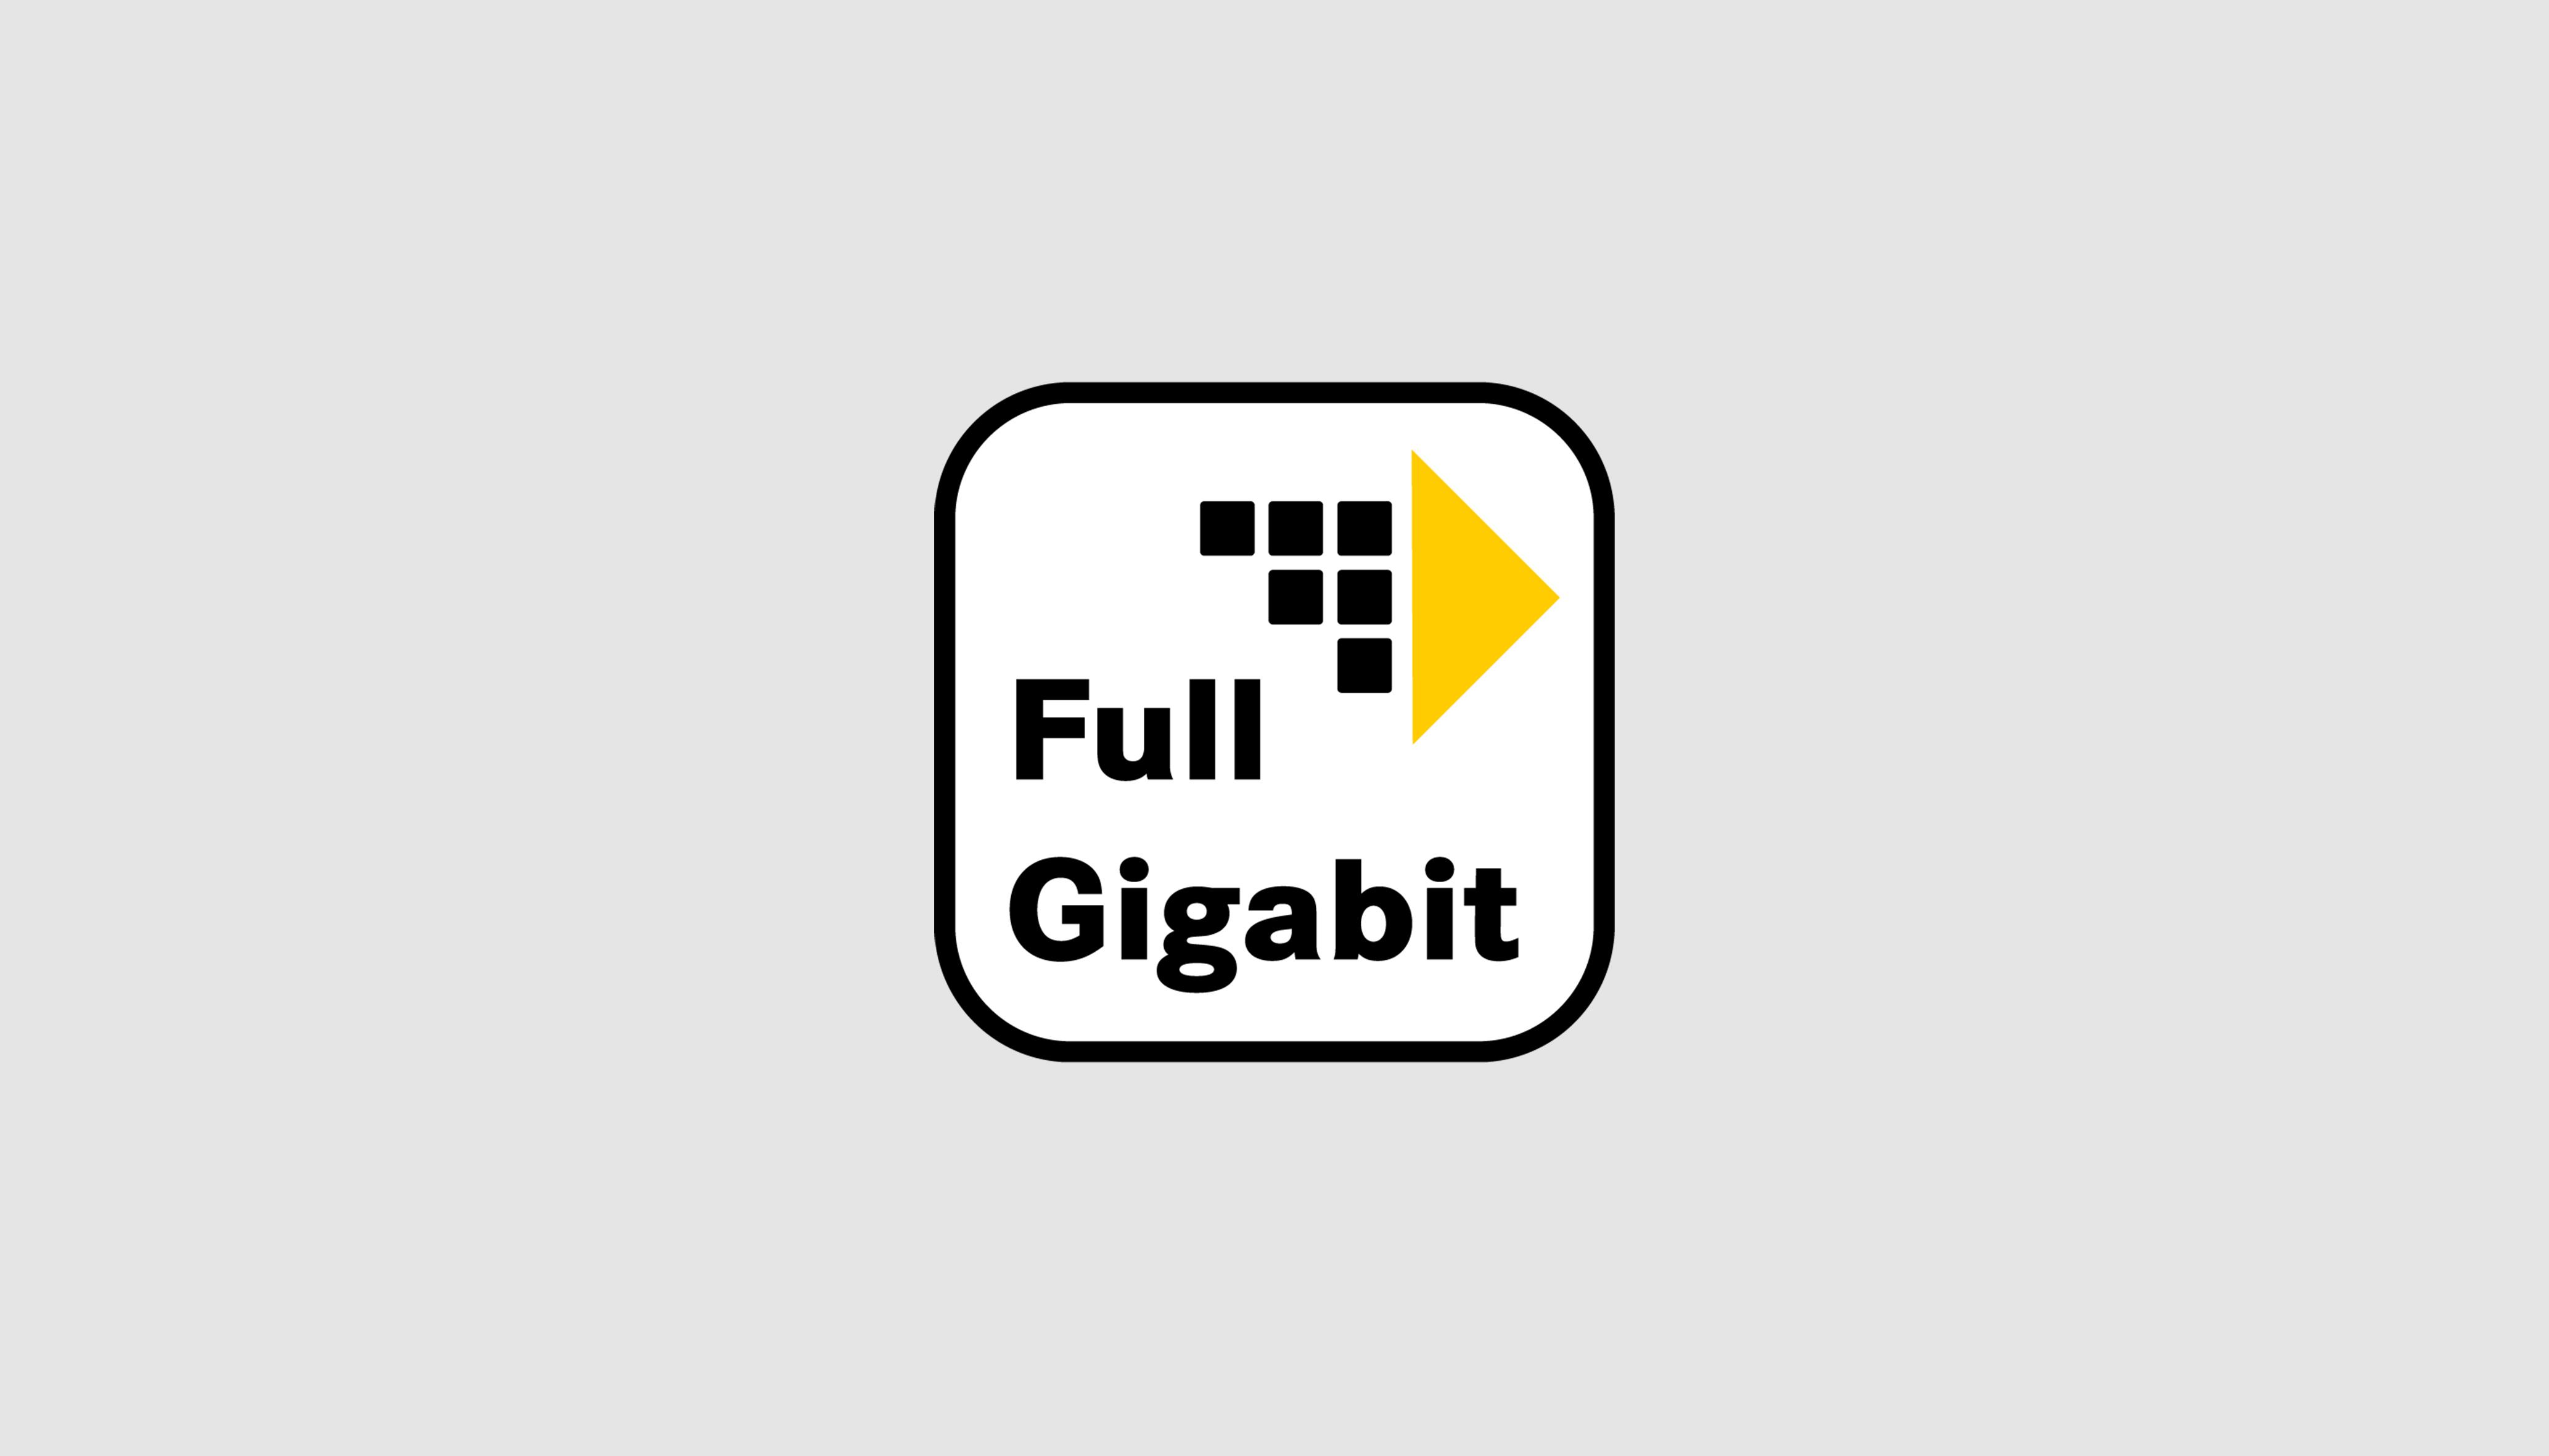 Ha Vis Econ 3000 Slim Design Harting Technology Group Gigabit Ethernet Wiring Full